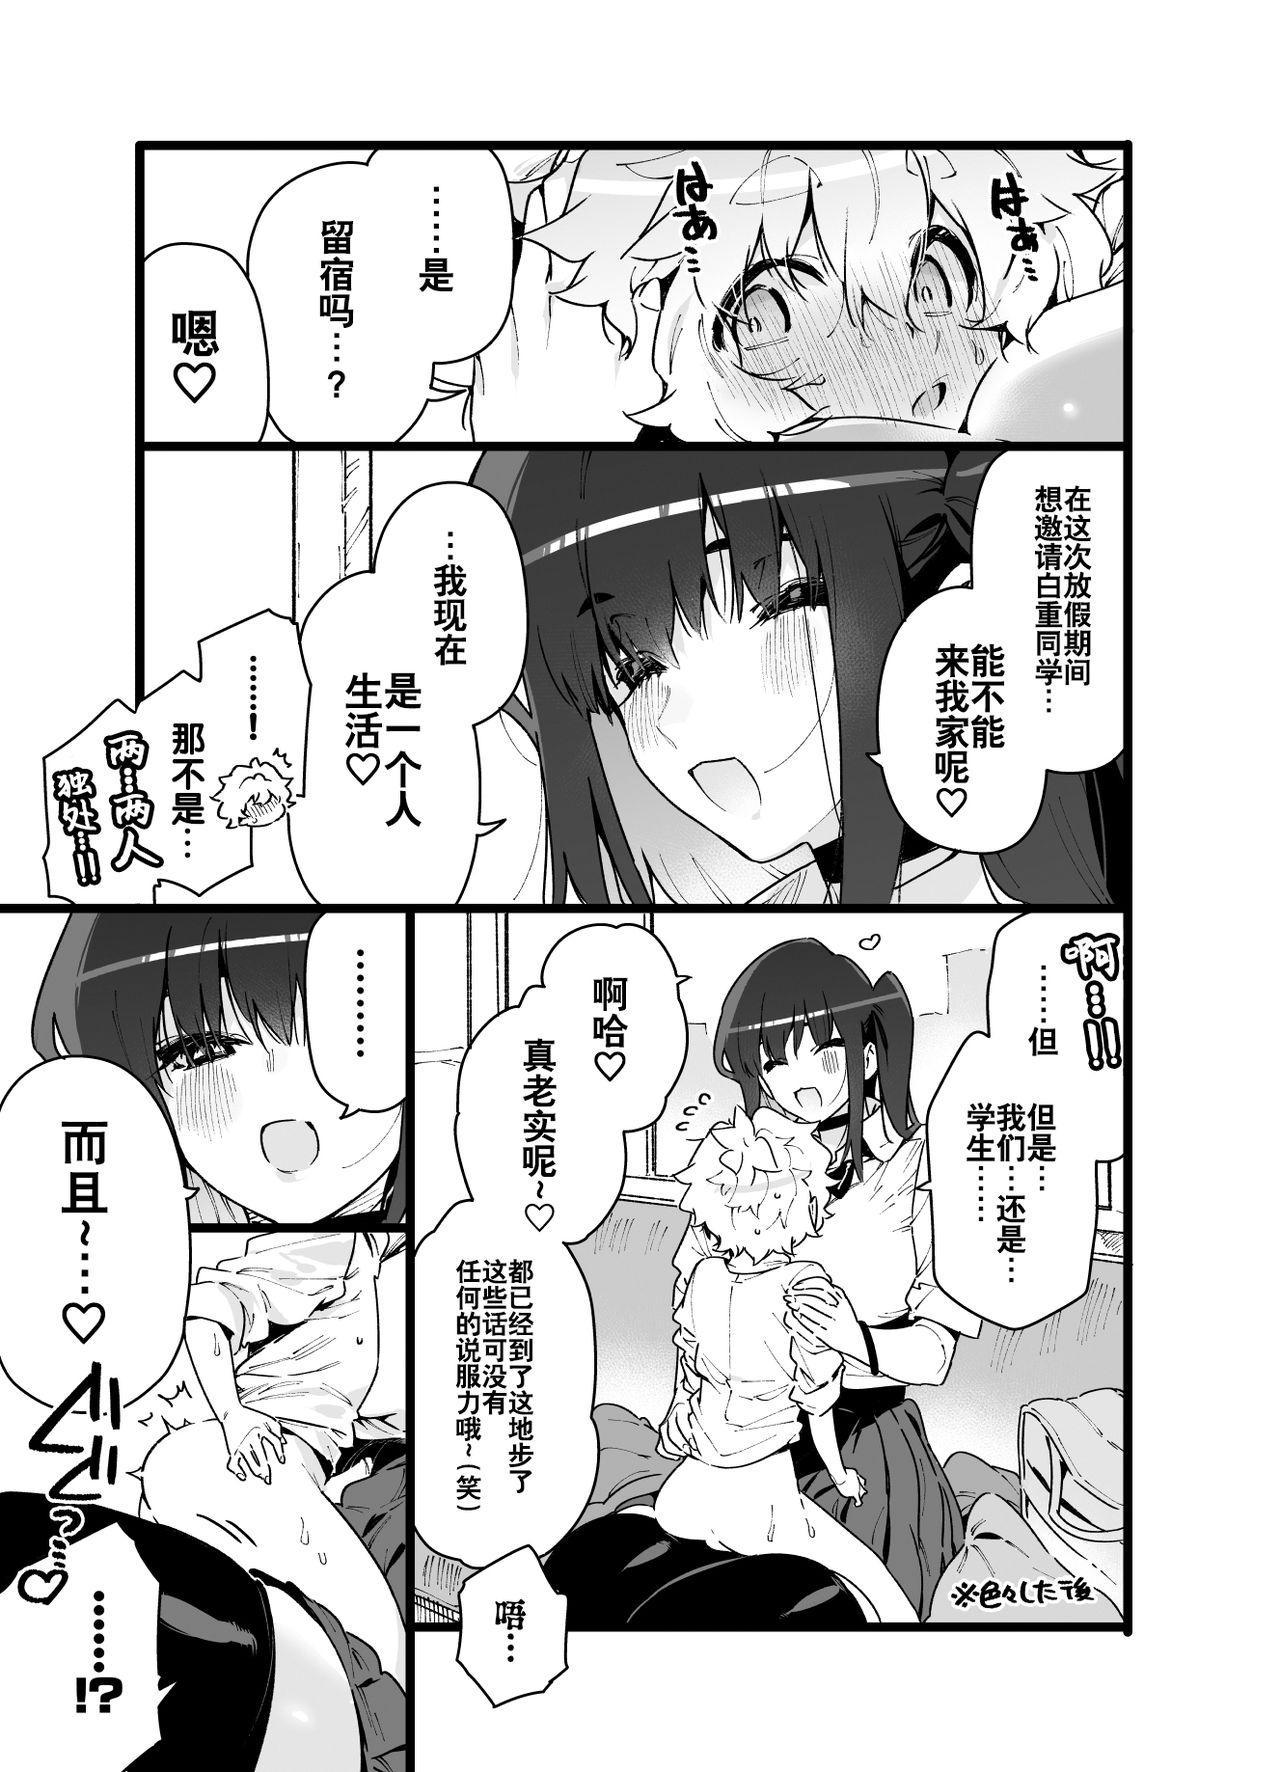 Classmate no Joshi Inma ni Renkyuuchuu no Otomarikai de Osowarechau Danshi no Hanashi 7